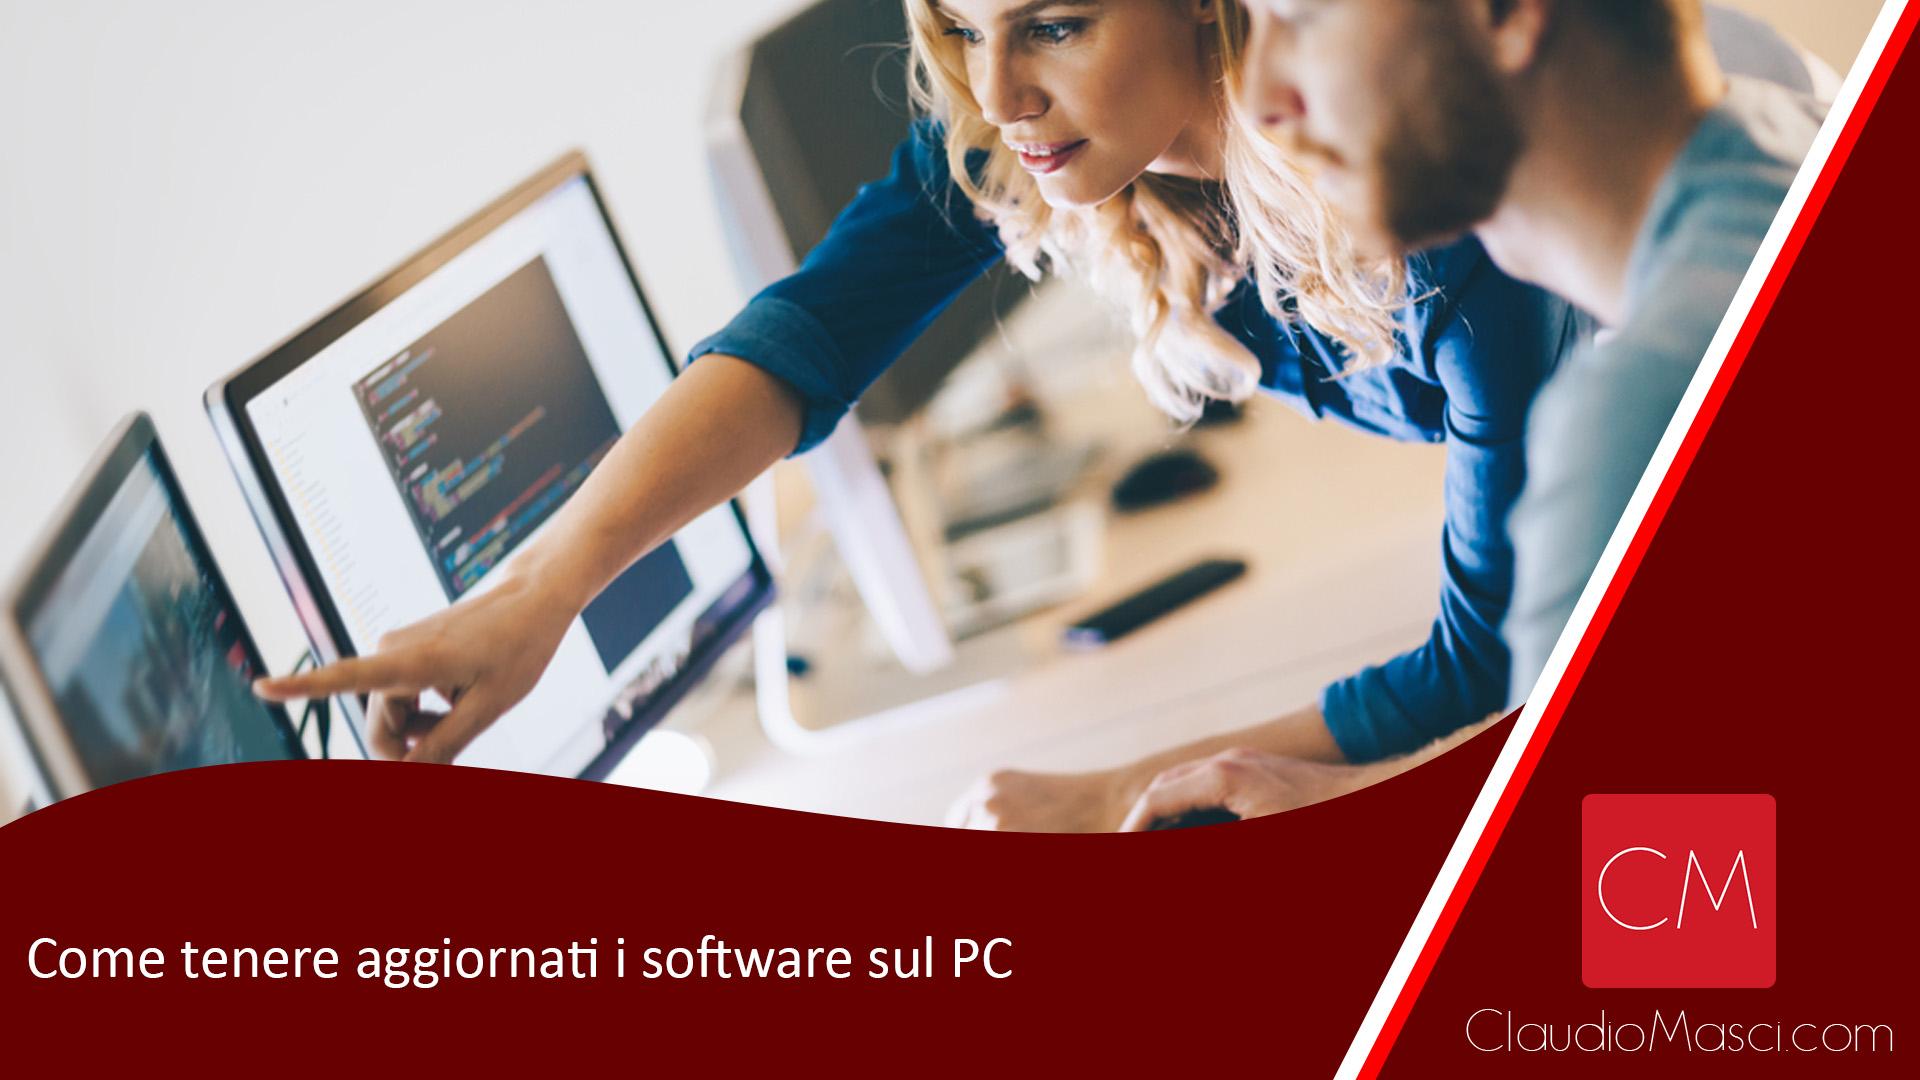 Come tenere aggiornati i software sul PC